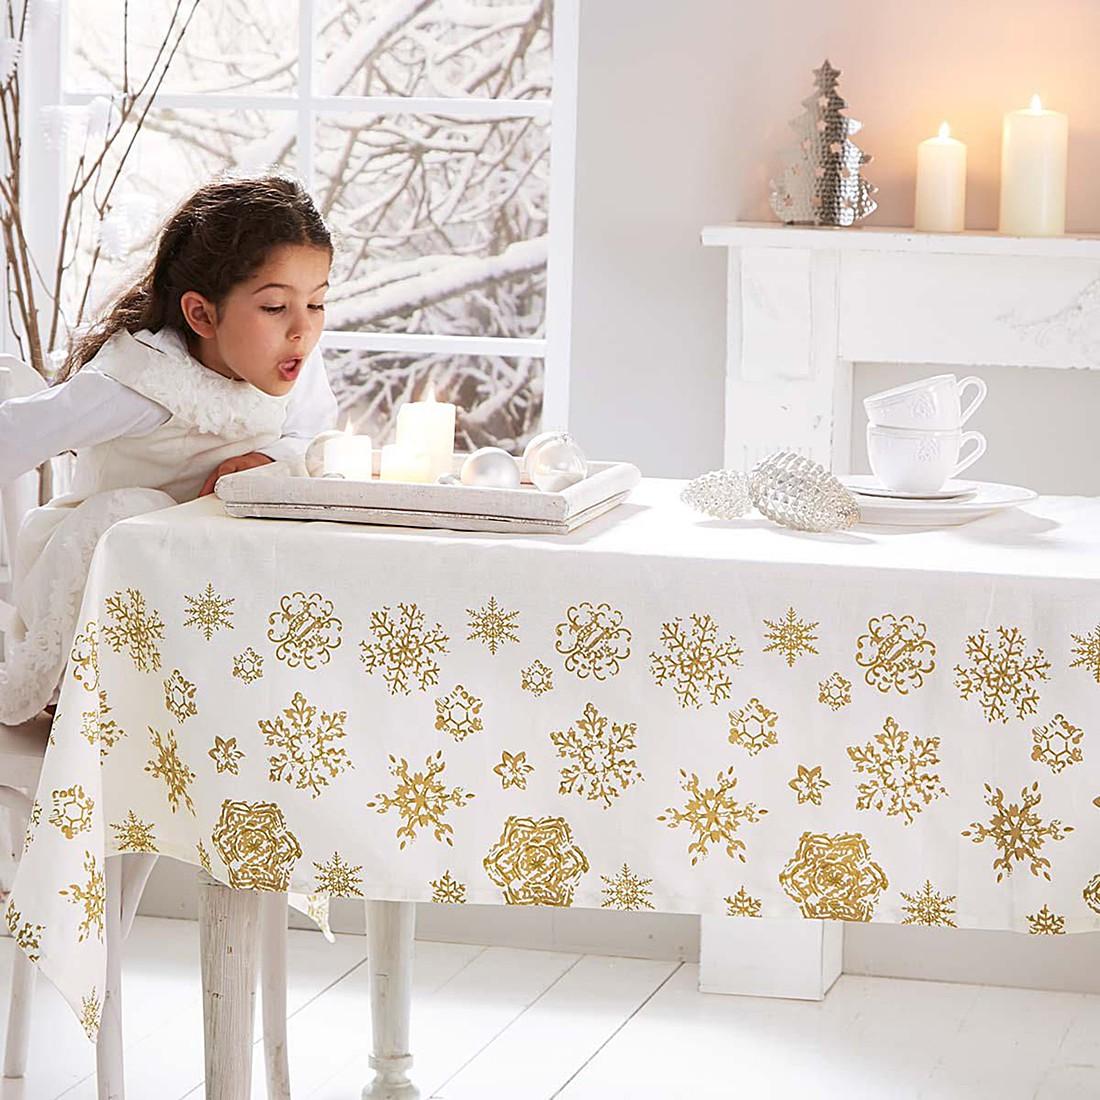 Tischdecke Schneeflocken – Baumwolle – Ecru/Gold, PureDay online bestellen